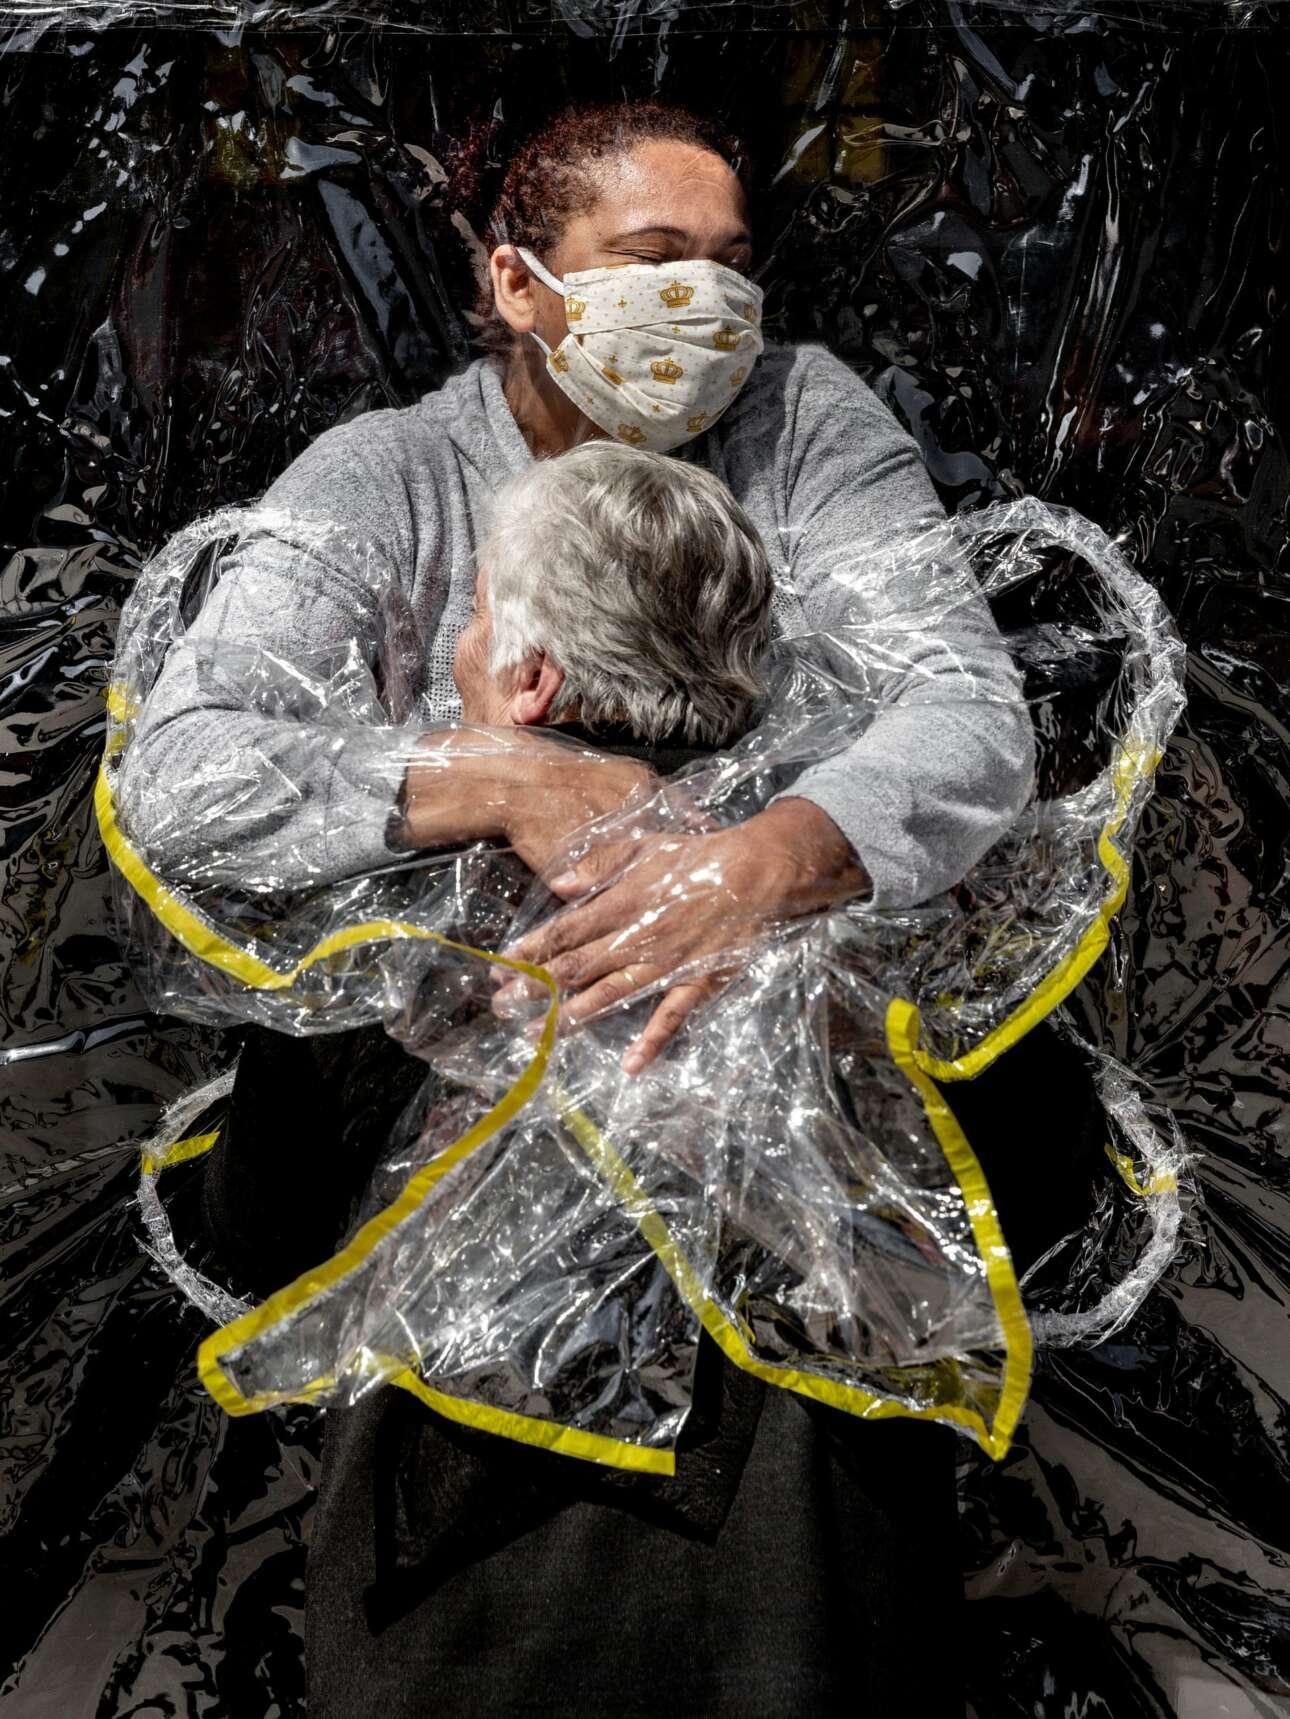 Βραζιλία. Η νοσοκόμα αγκαλιάζει τη γηραιά κυρία, οικότροφο του οίκου ευγηρίας. Αναγκαία σωματική επαφή, πίσω από προστατευτικό πλαστικό παραπέτασμα βέβαια, ύστερα από μερικούς μήνες απόστασης («Φωτογραφία της χρονιάς»)